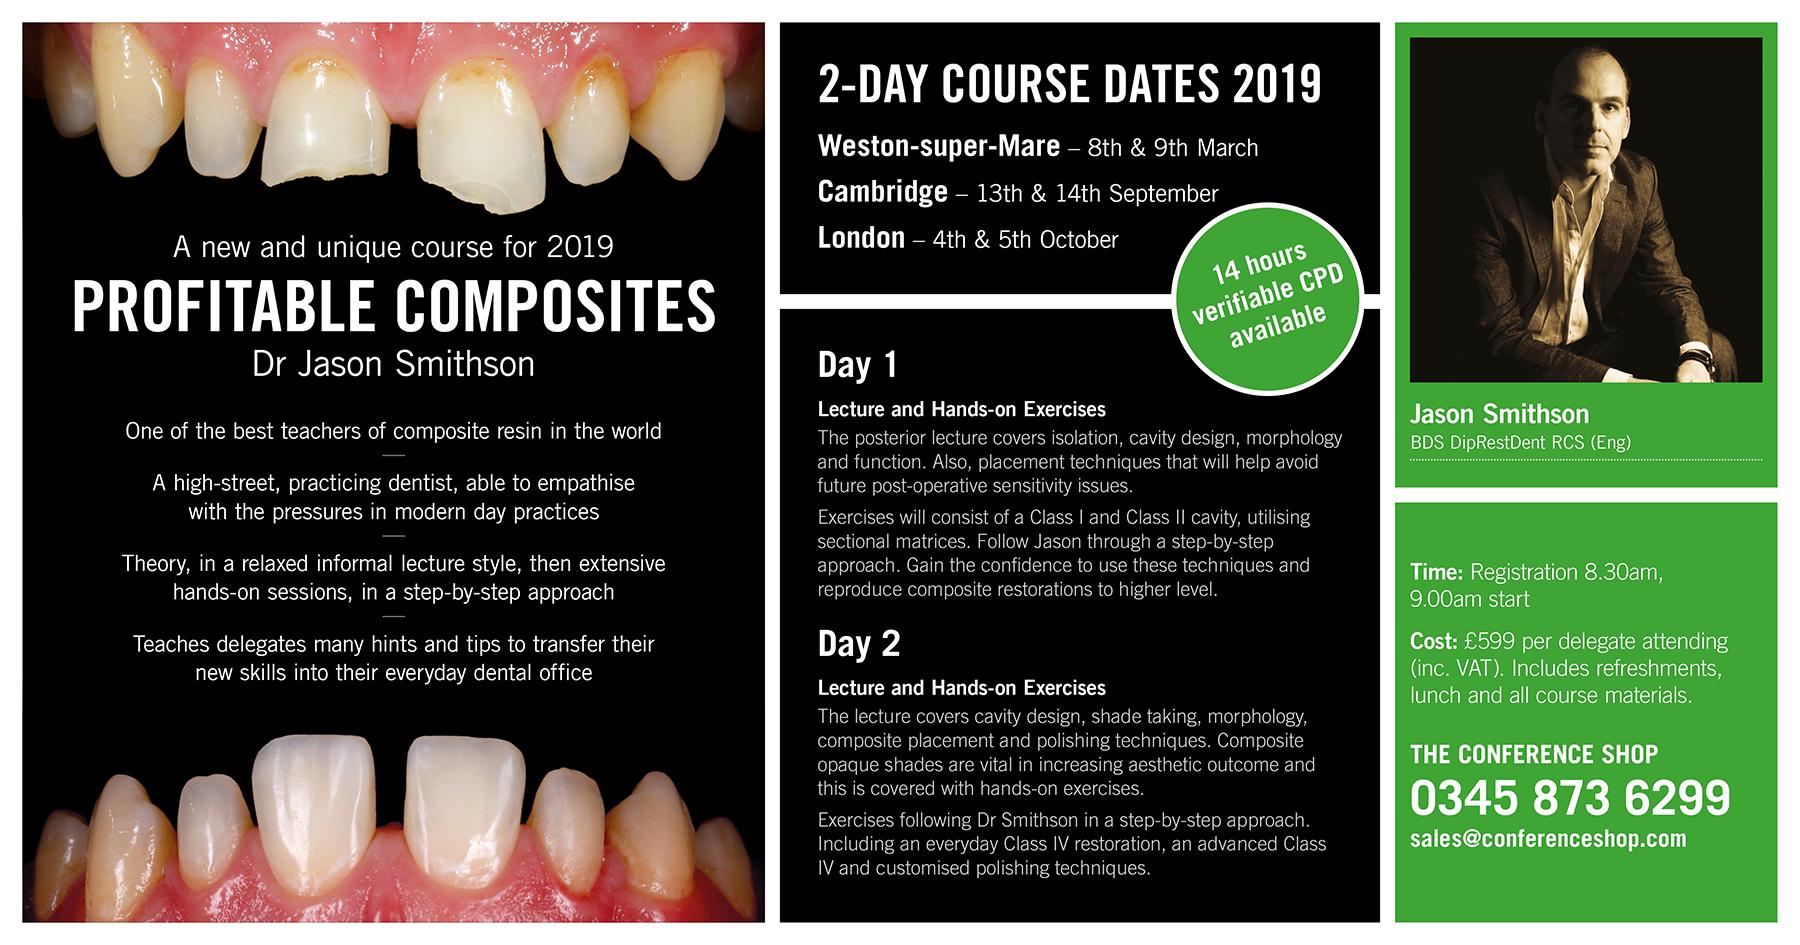 Profitable Composites with Dr Jason Smithson